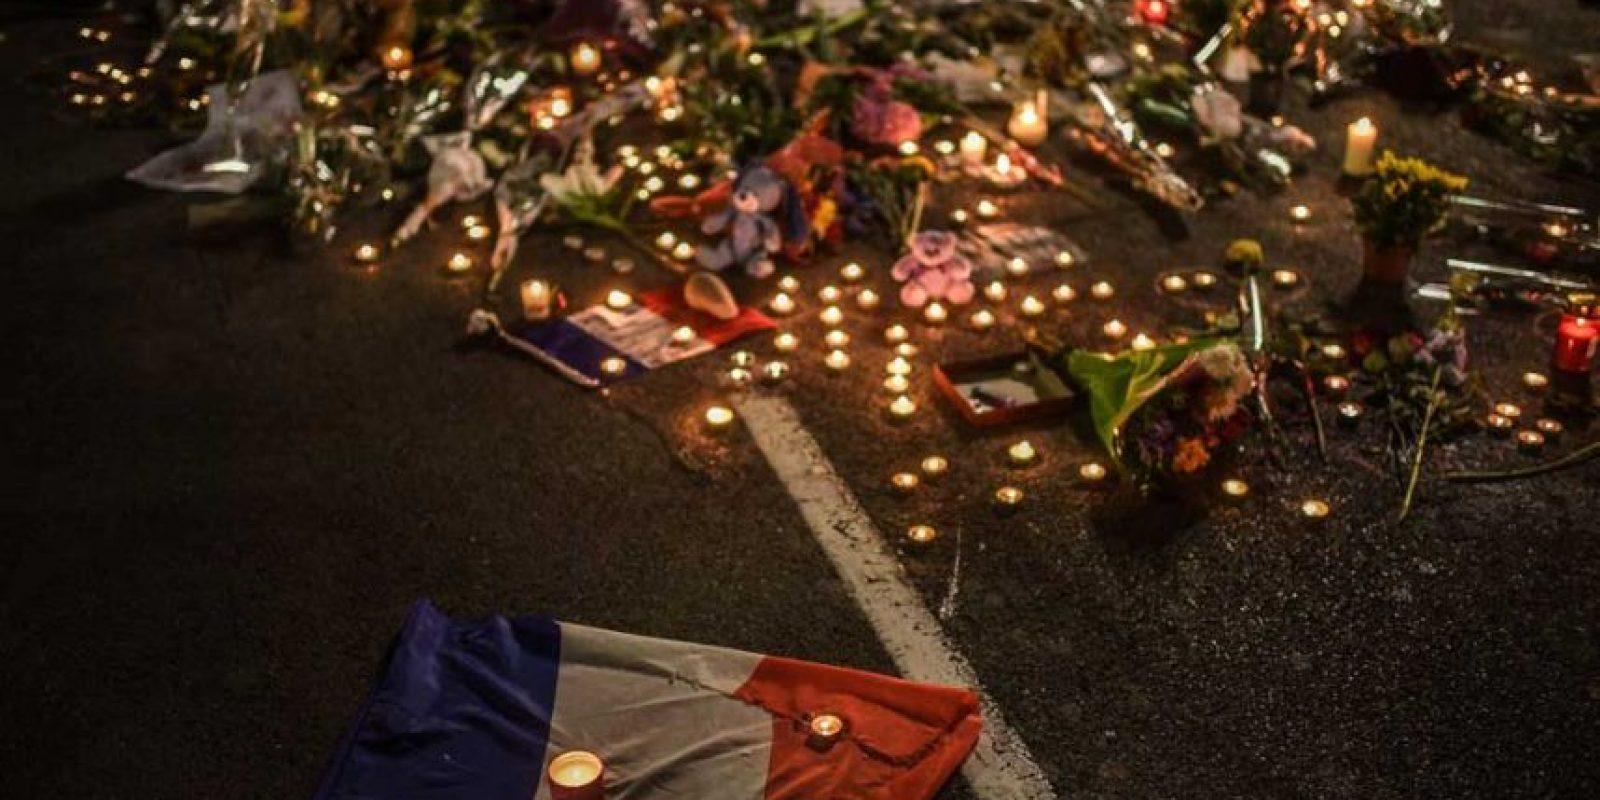 El saldo, hasta ahora, es de 84 muertos y más de 200 heridos. Foto:Getty Images. Imagen Por: